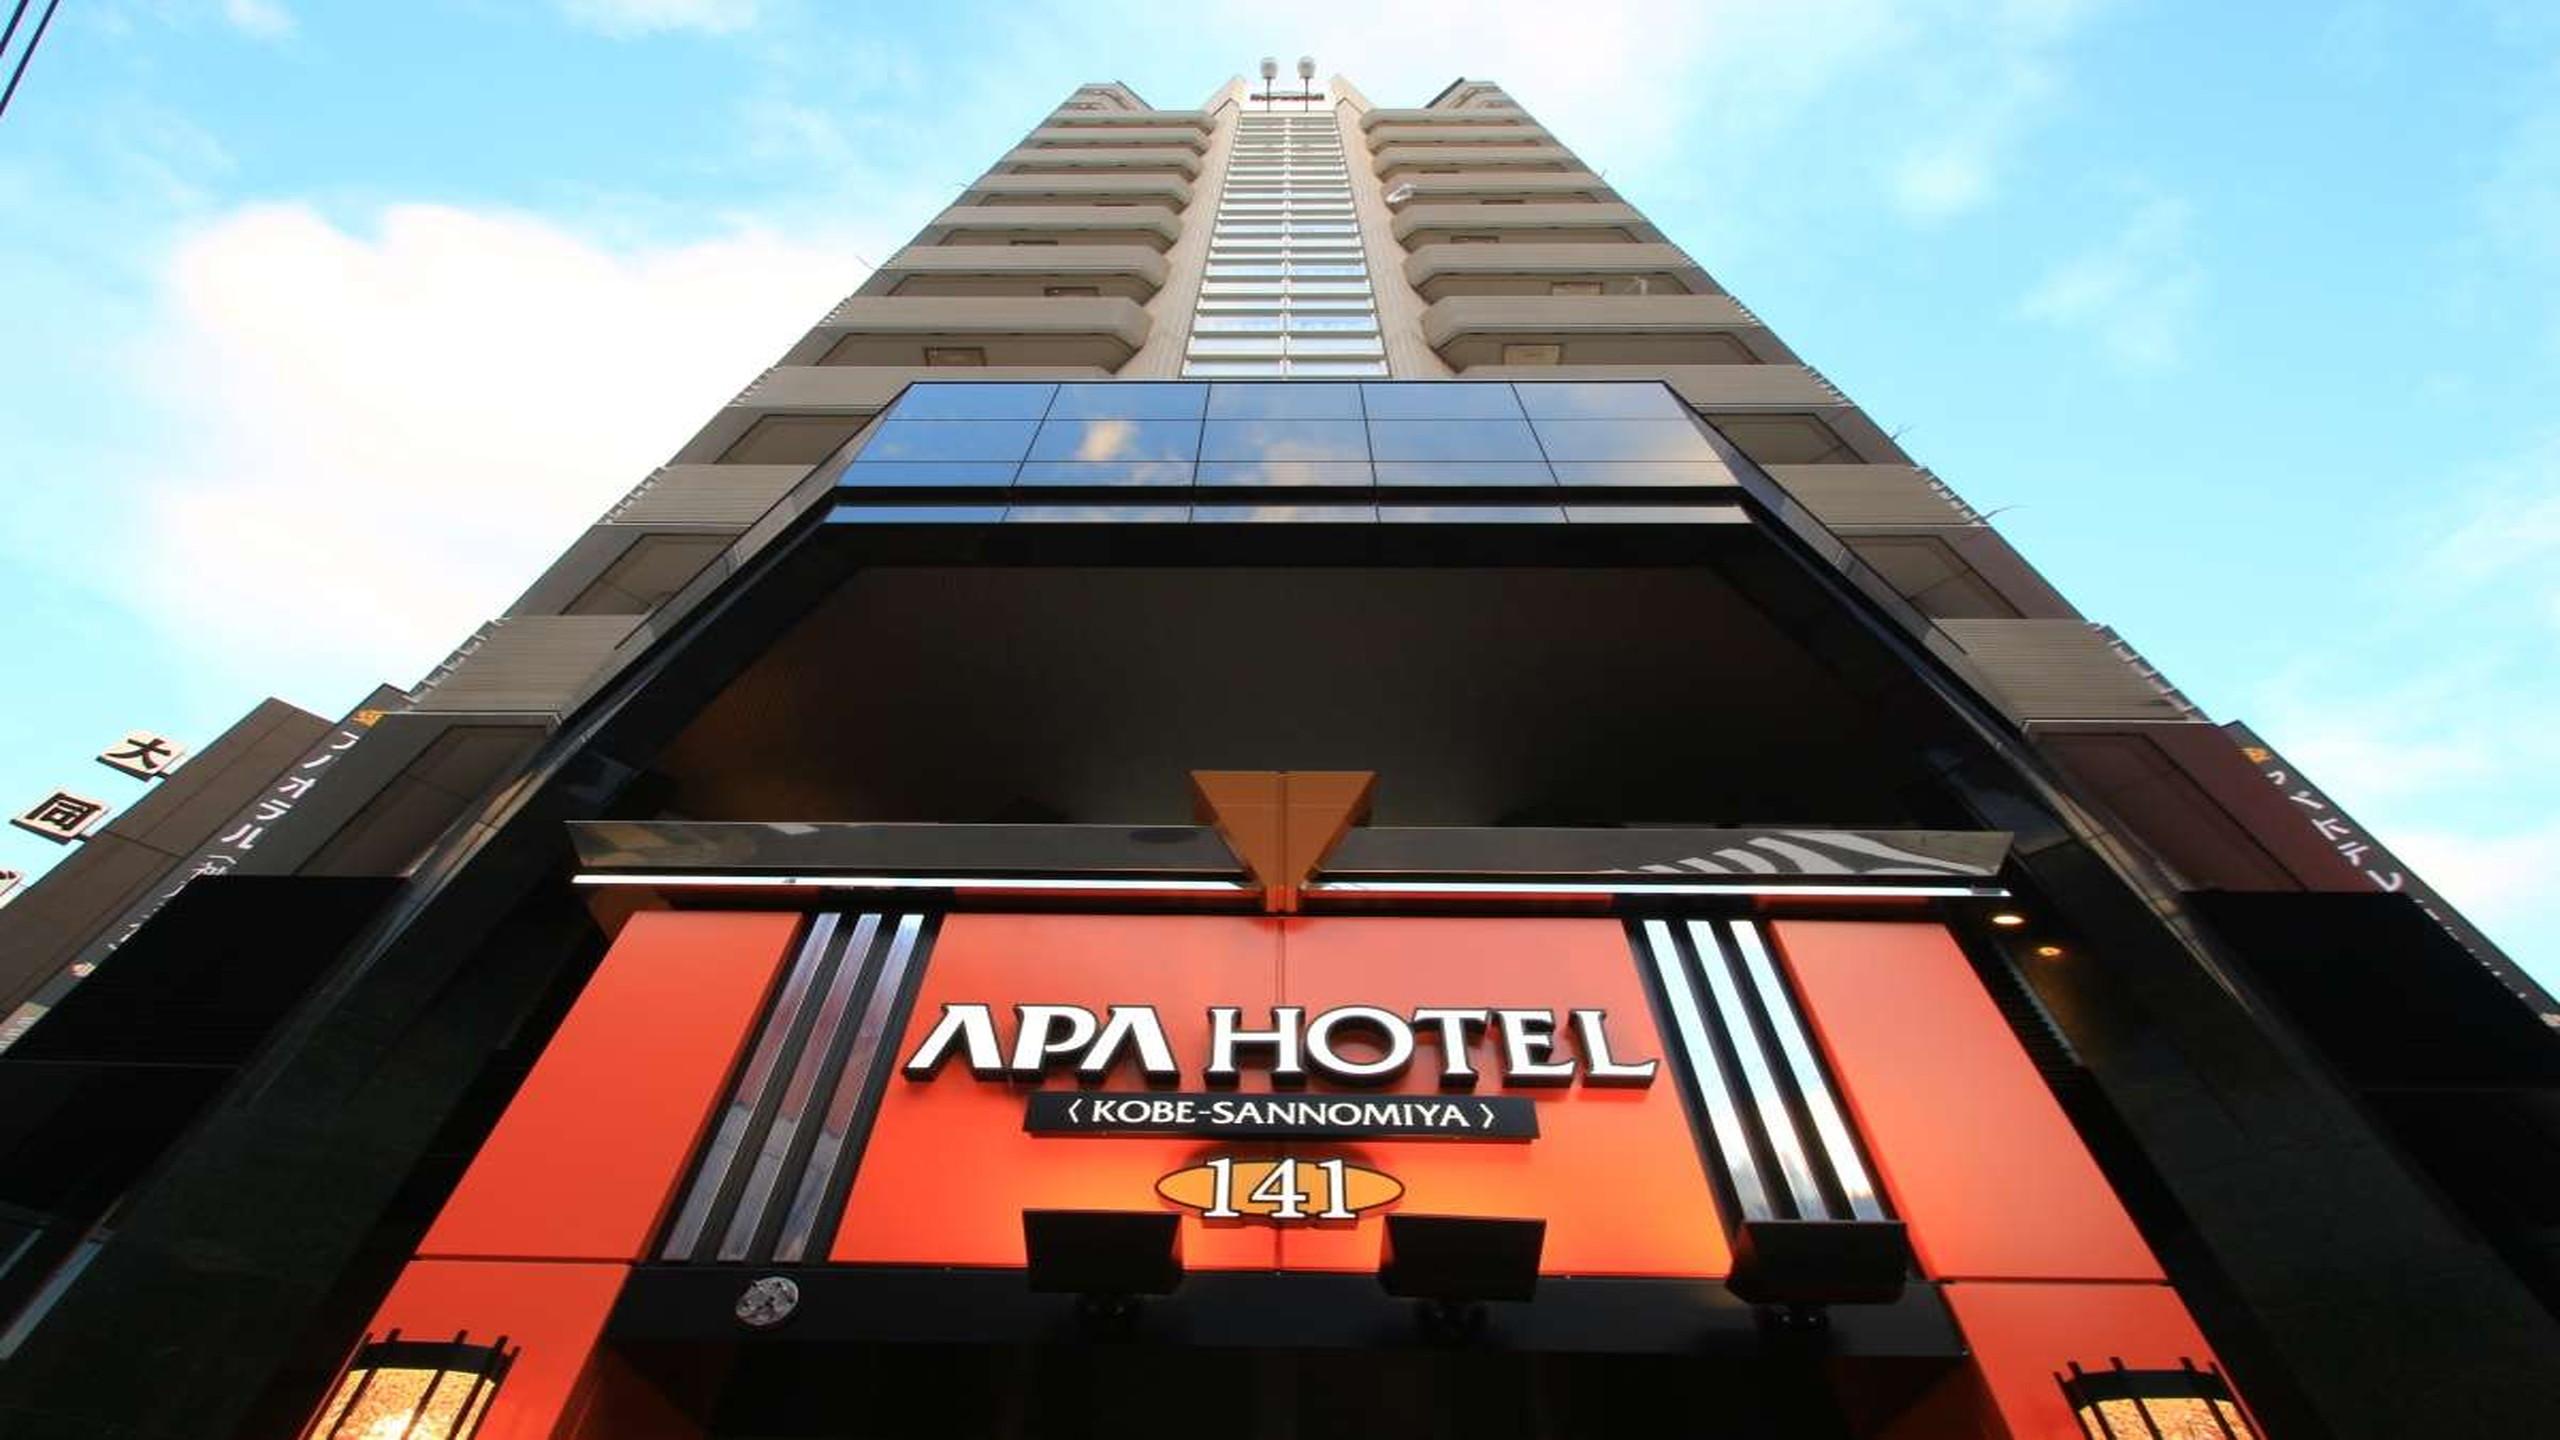 アパホテル<神戸三宮>(2018年8月11日リニューアルオープン)